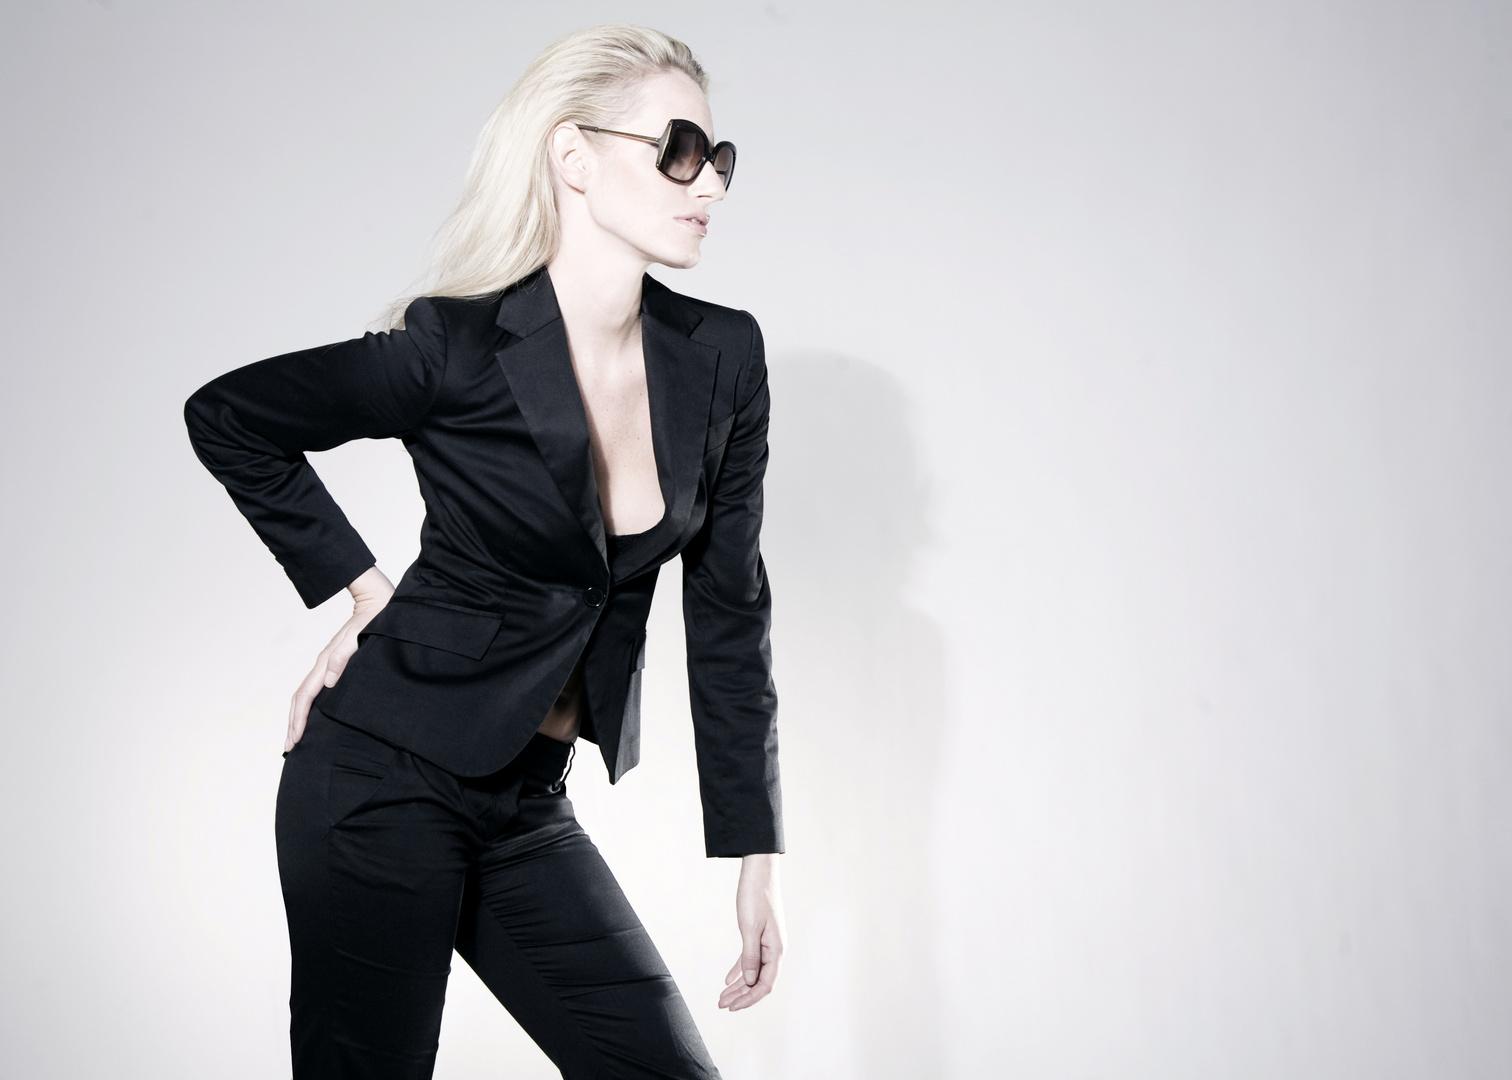 sunglass-fashion